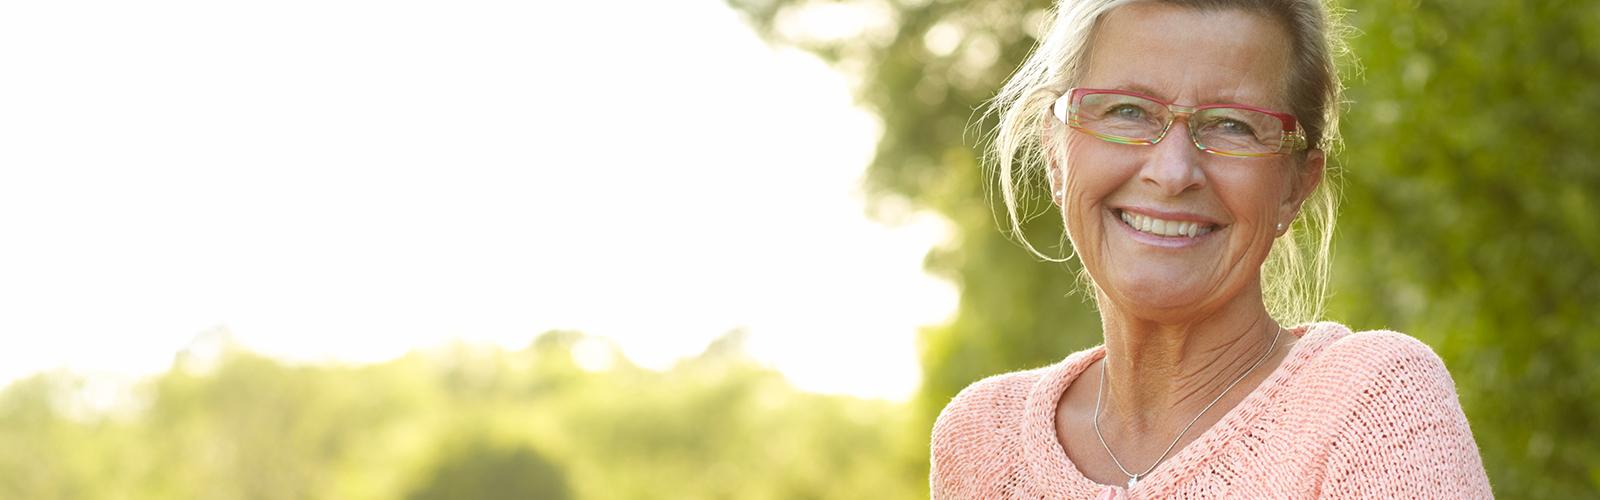 Счастливая женщина старшего возраста с велосипедом надевает шлем